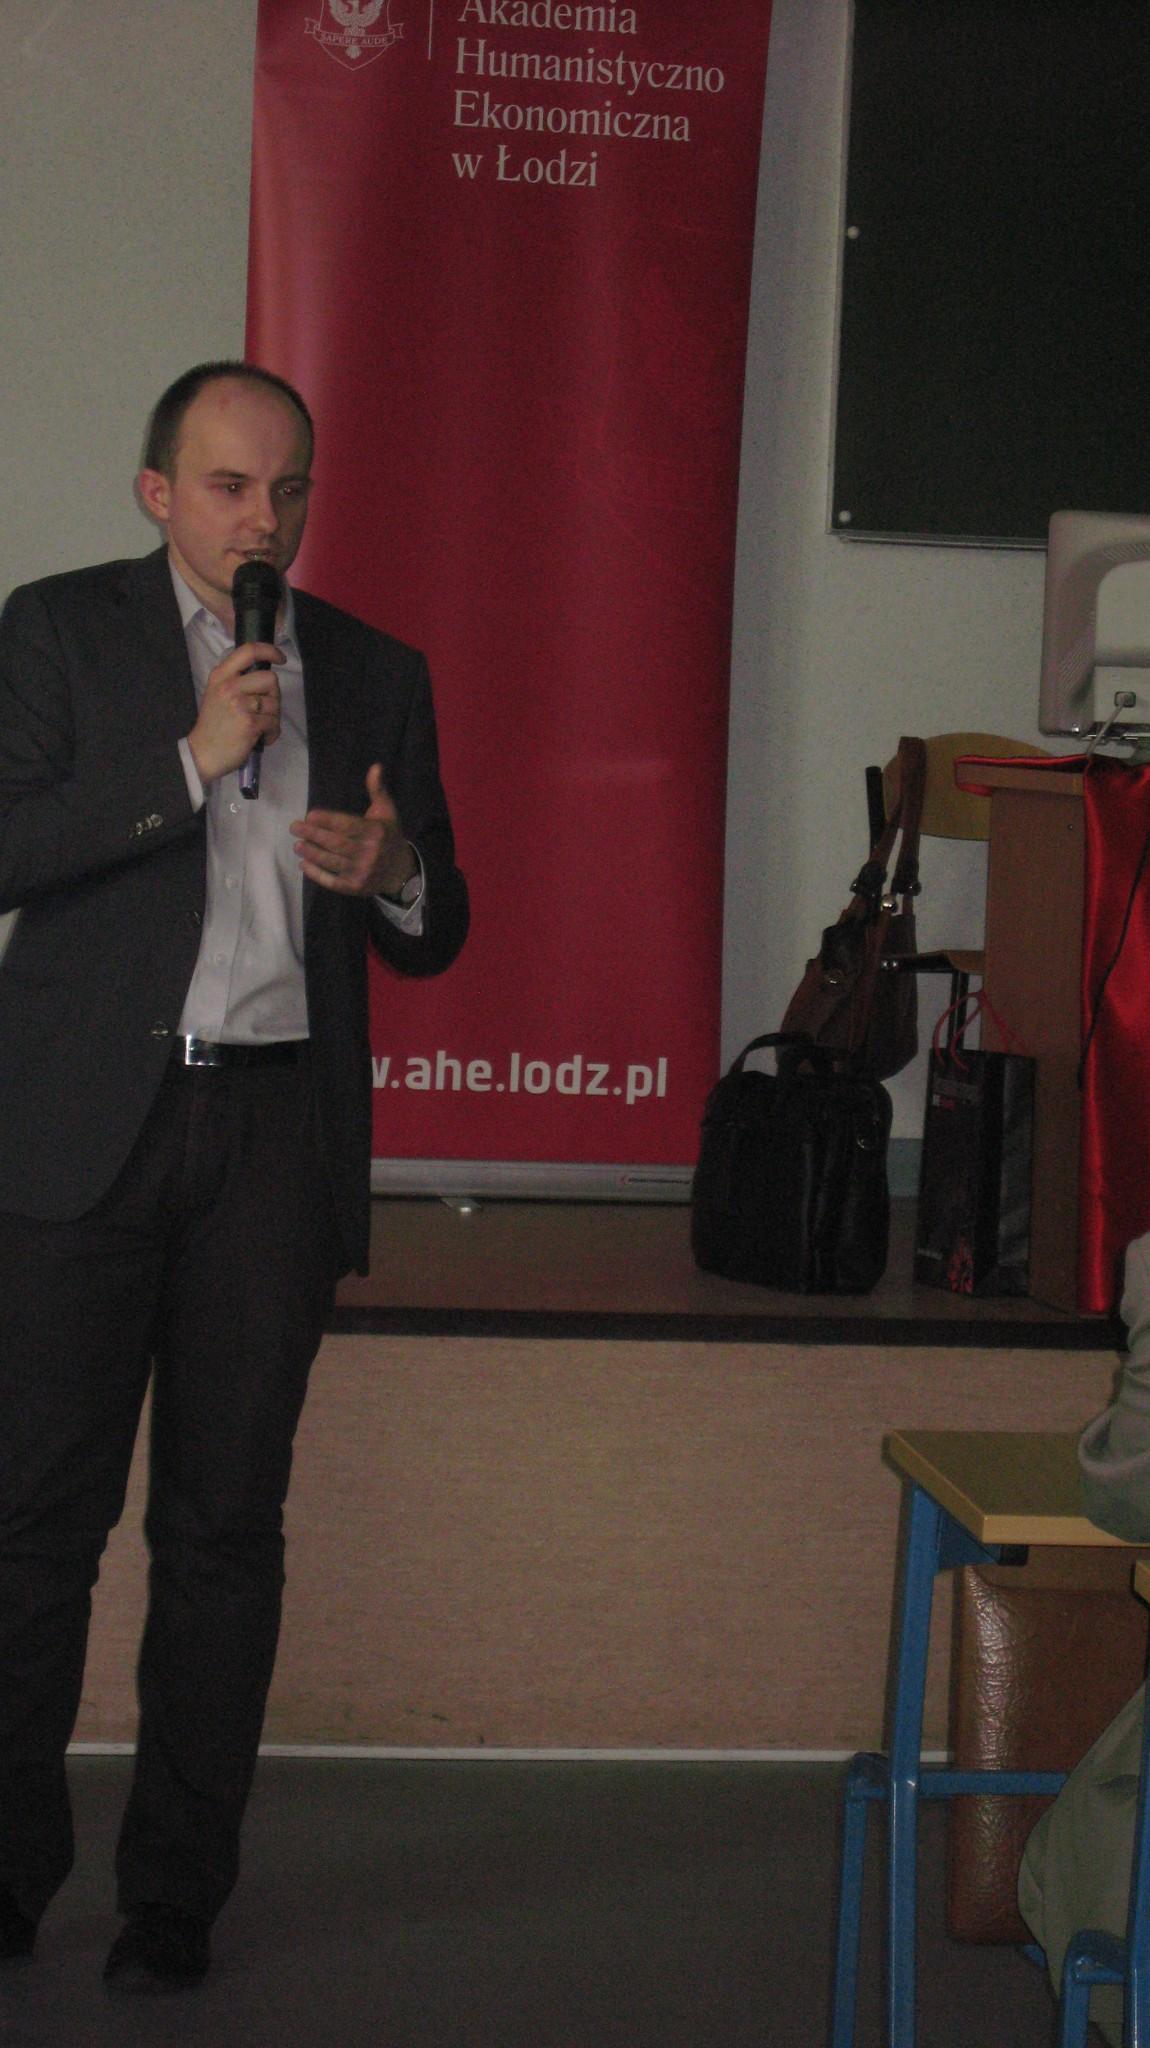 mgr Marcin Solarek, Zastępca Kanclerza Akademii Humanistyczno-Ekonomicznej w Łodzi